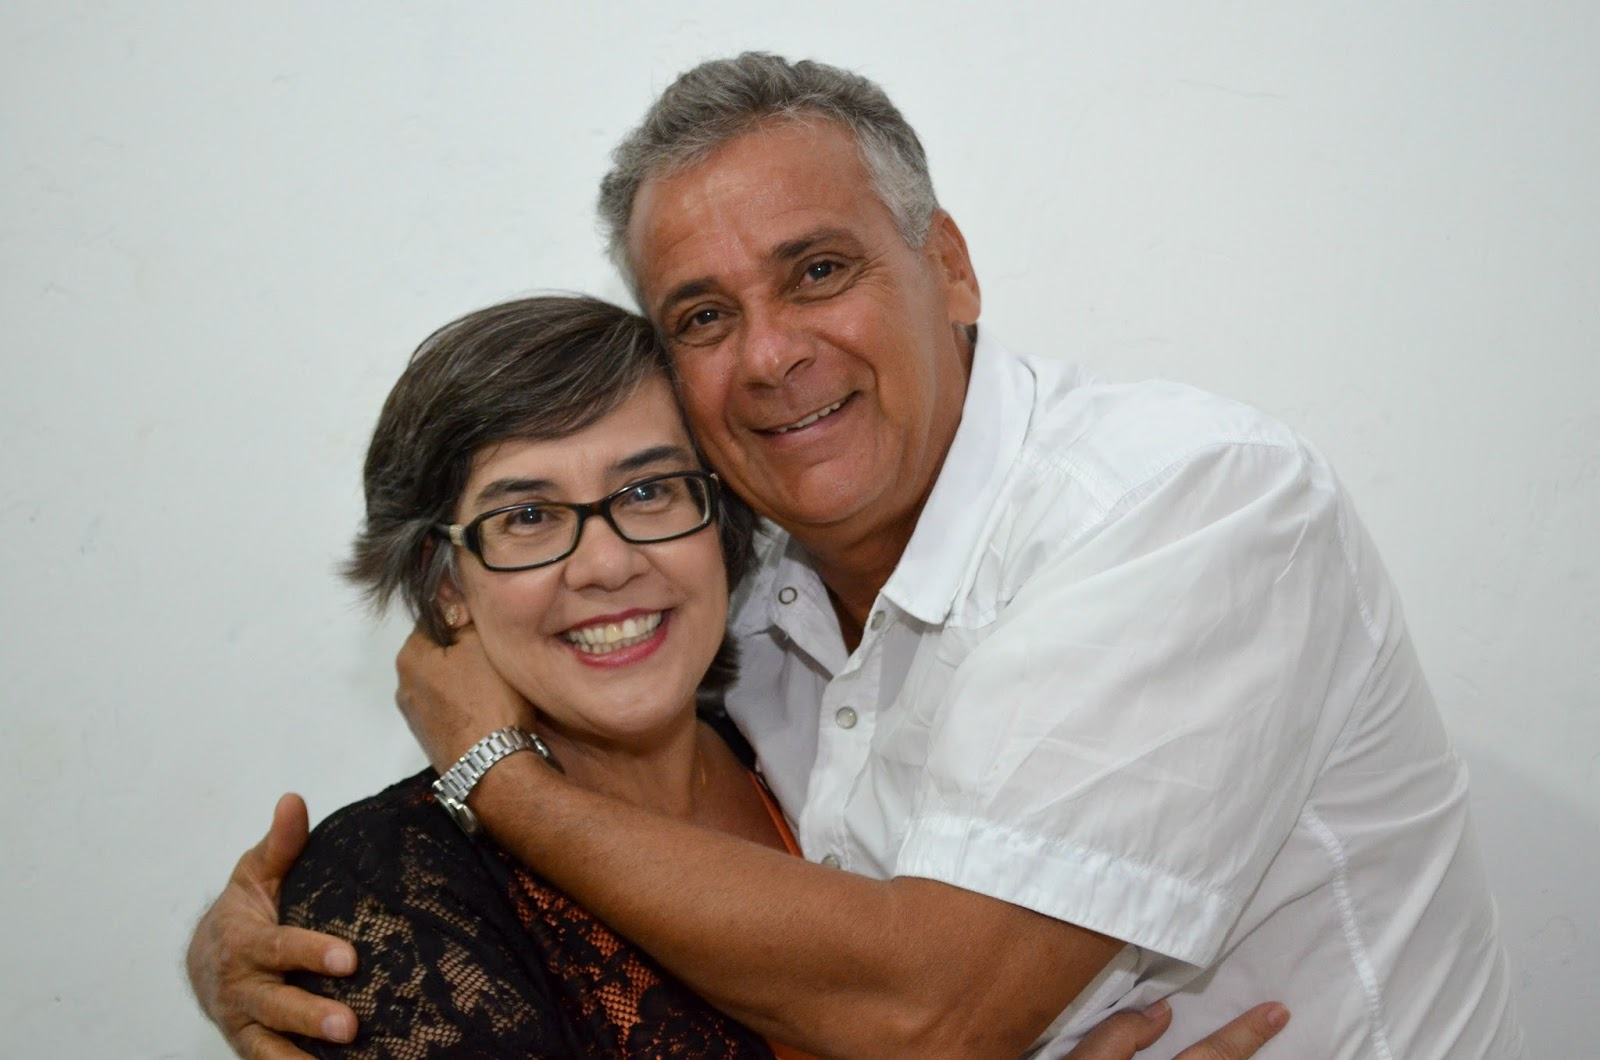 foto: Will Assunção